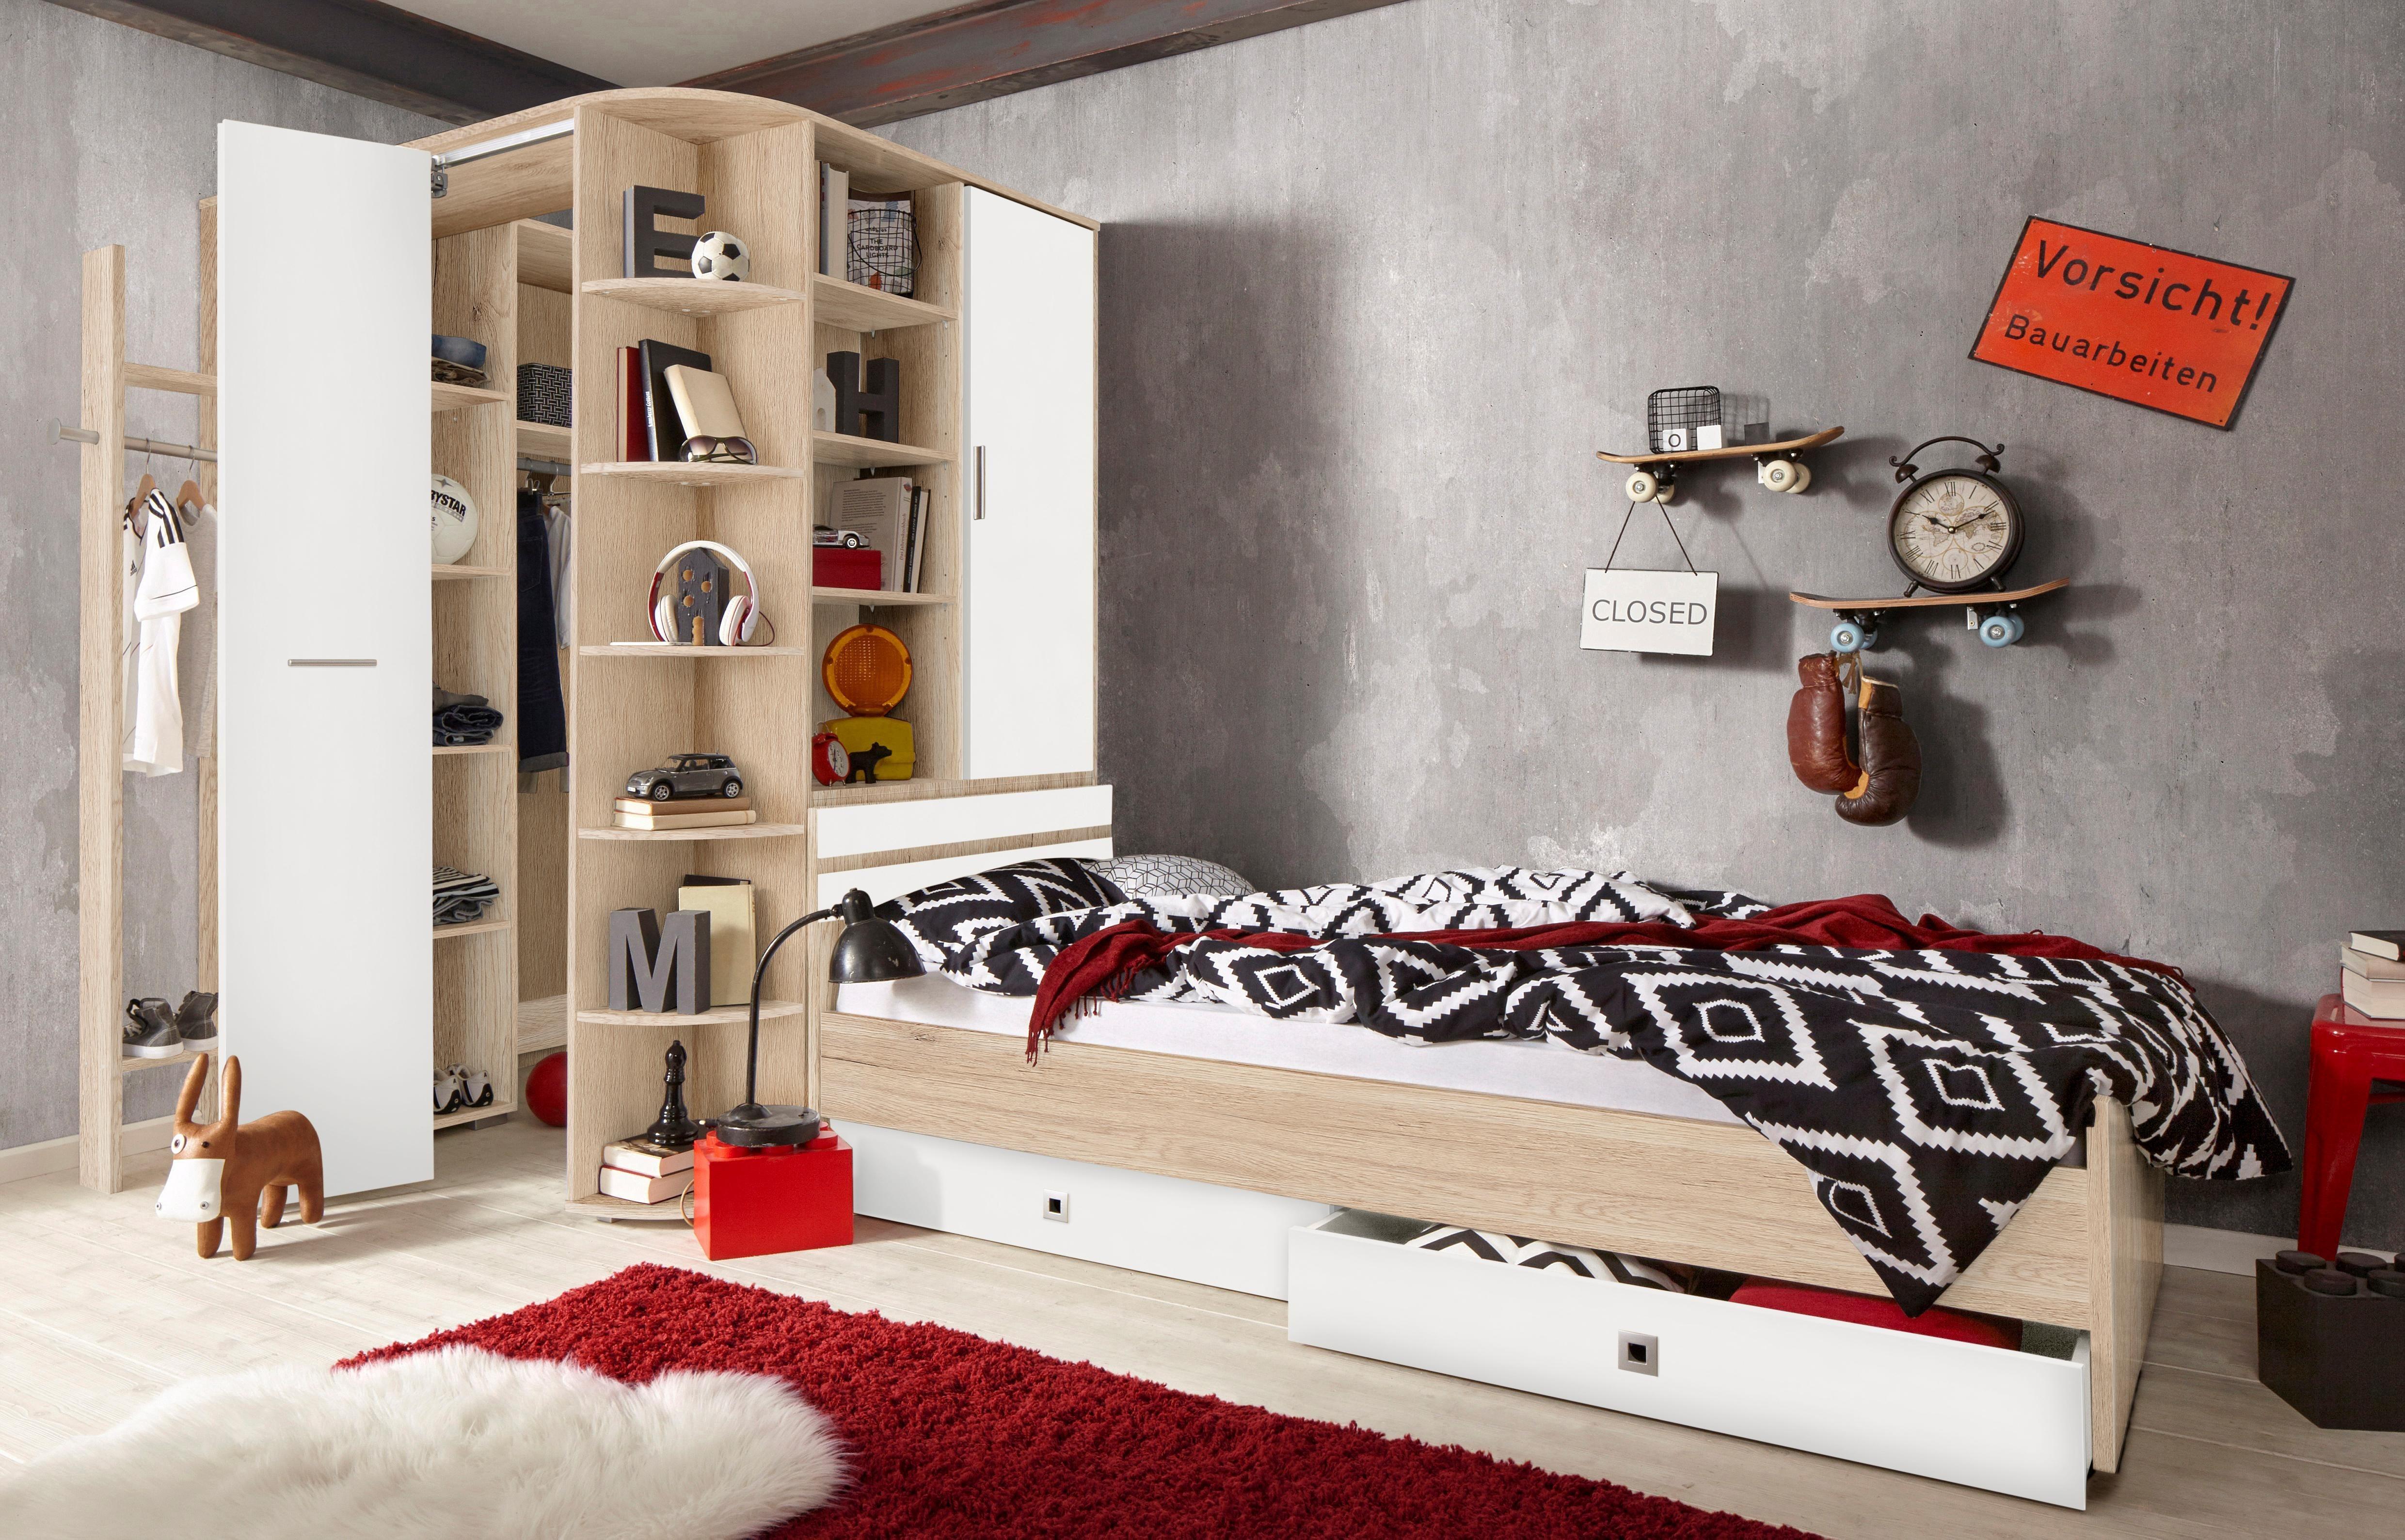 Jugendzimmer Ahorn/weiß Preisvergleich • Die besten Angebote online ...